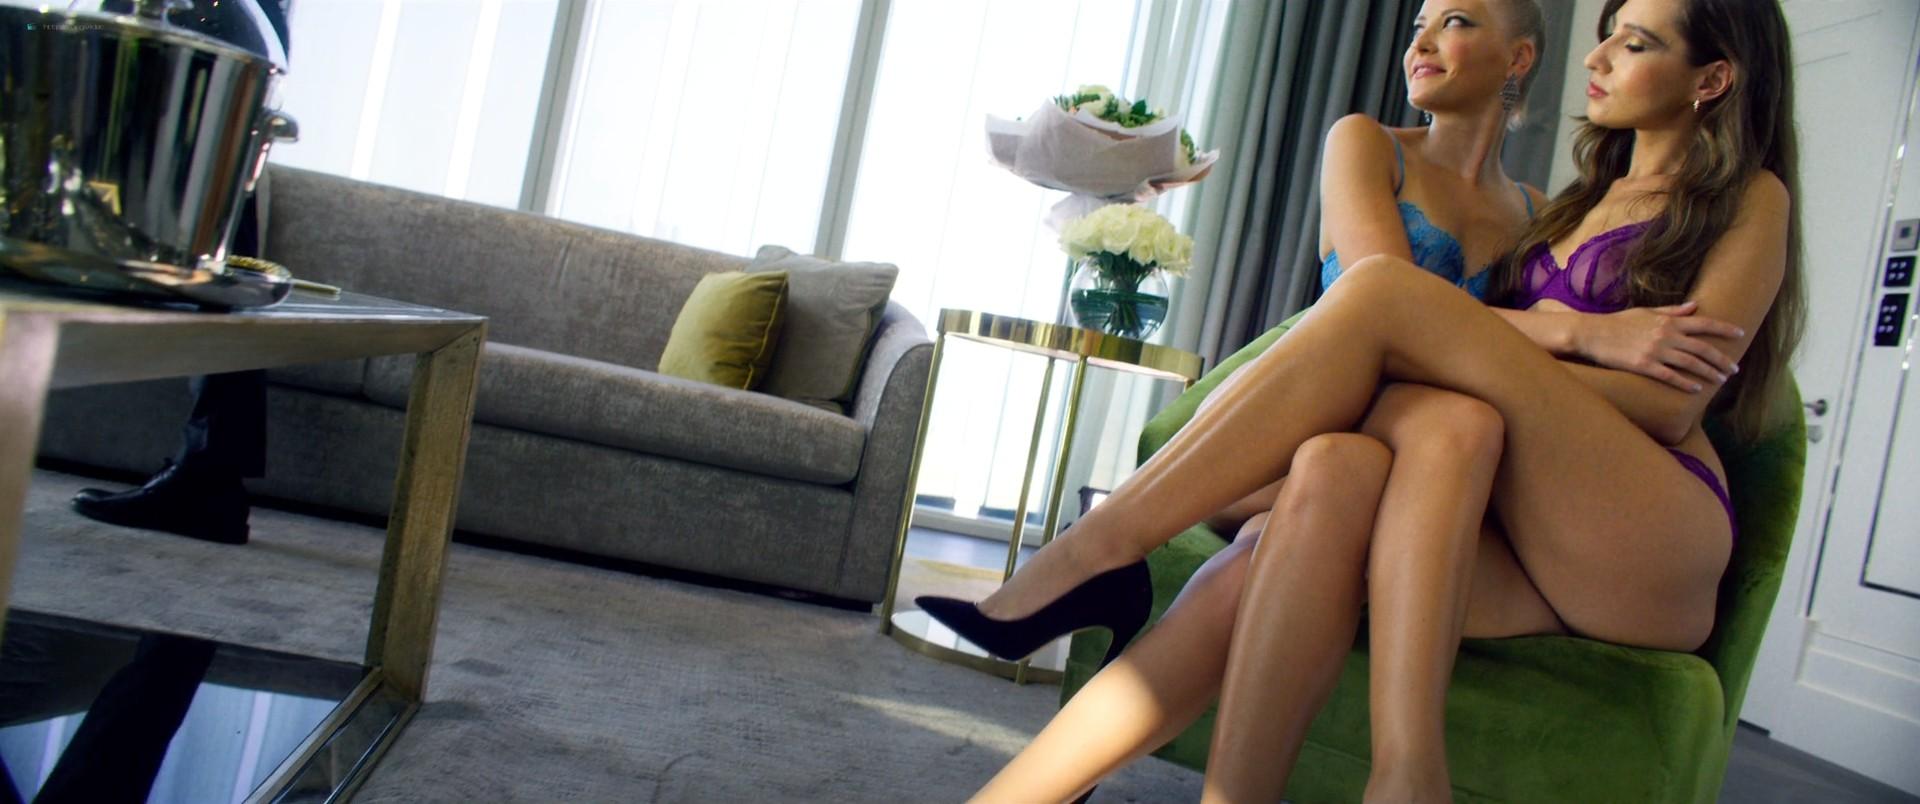 Adria Arjona hot and sex Melanie Laurent hot sex too - 6 Underground (2019) HD 1080p WEB (11)